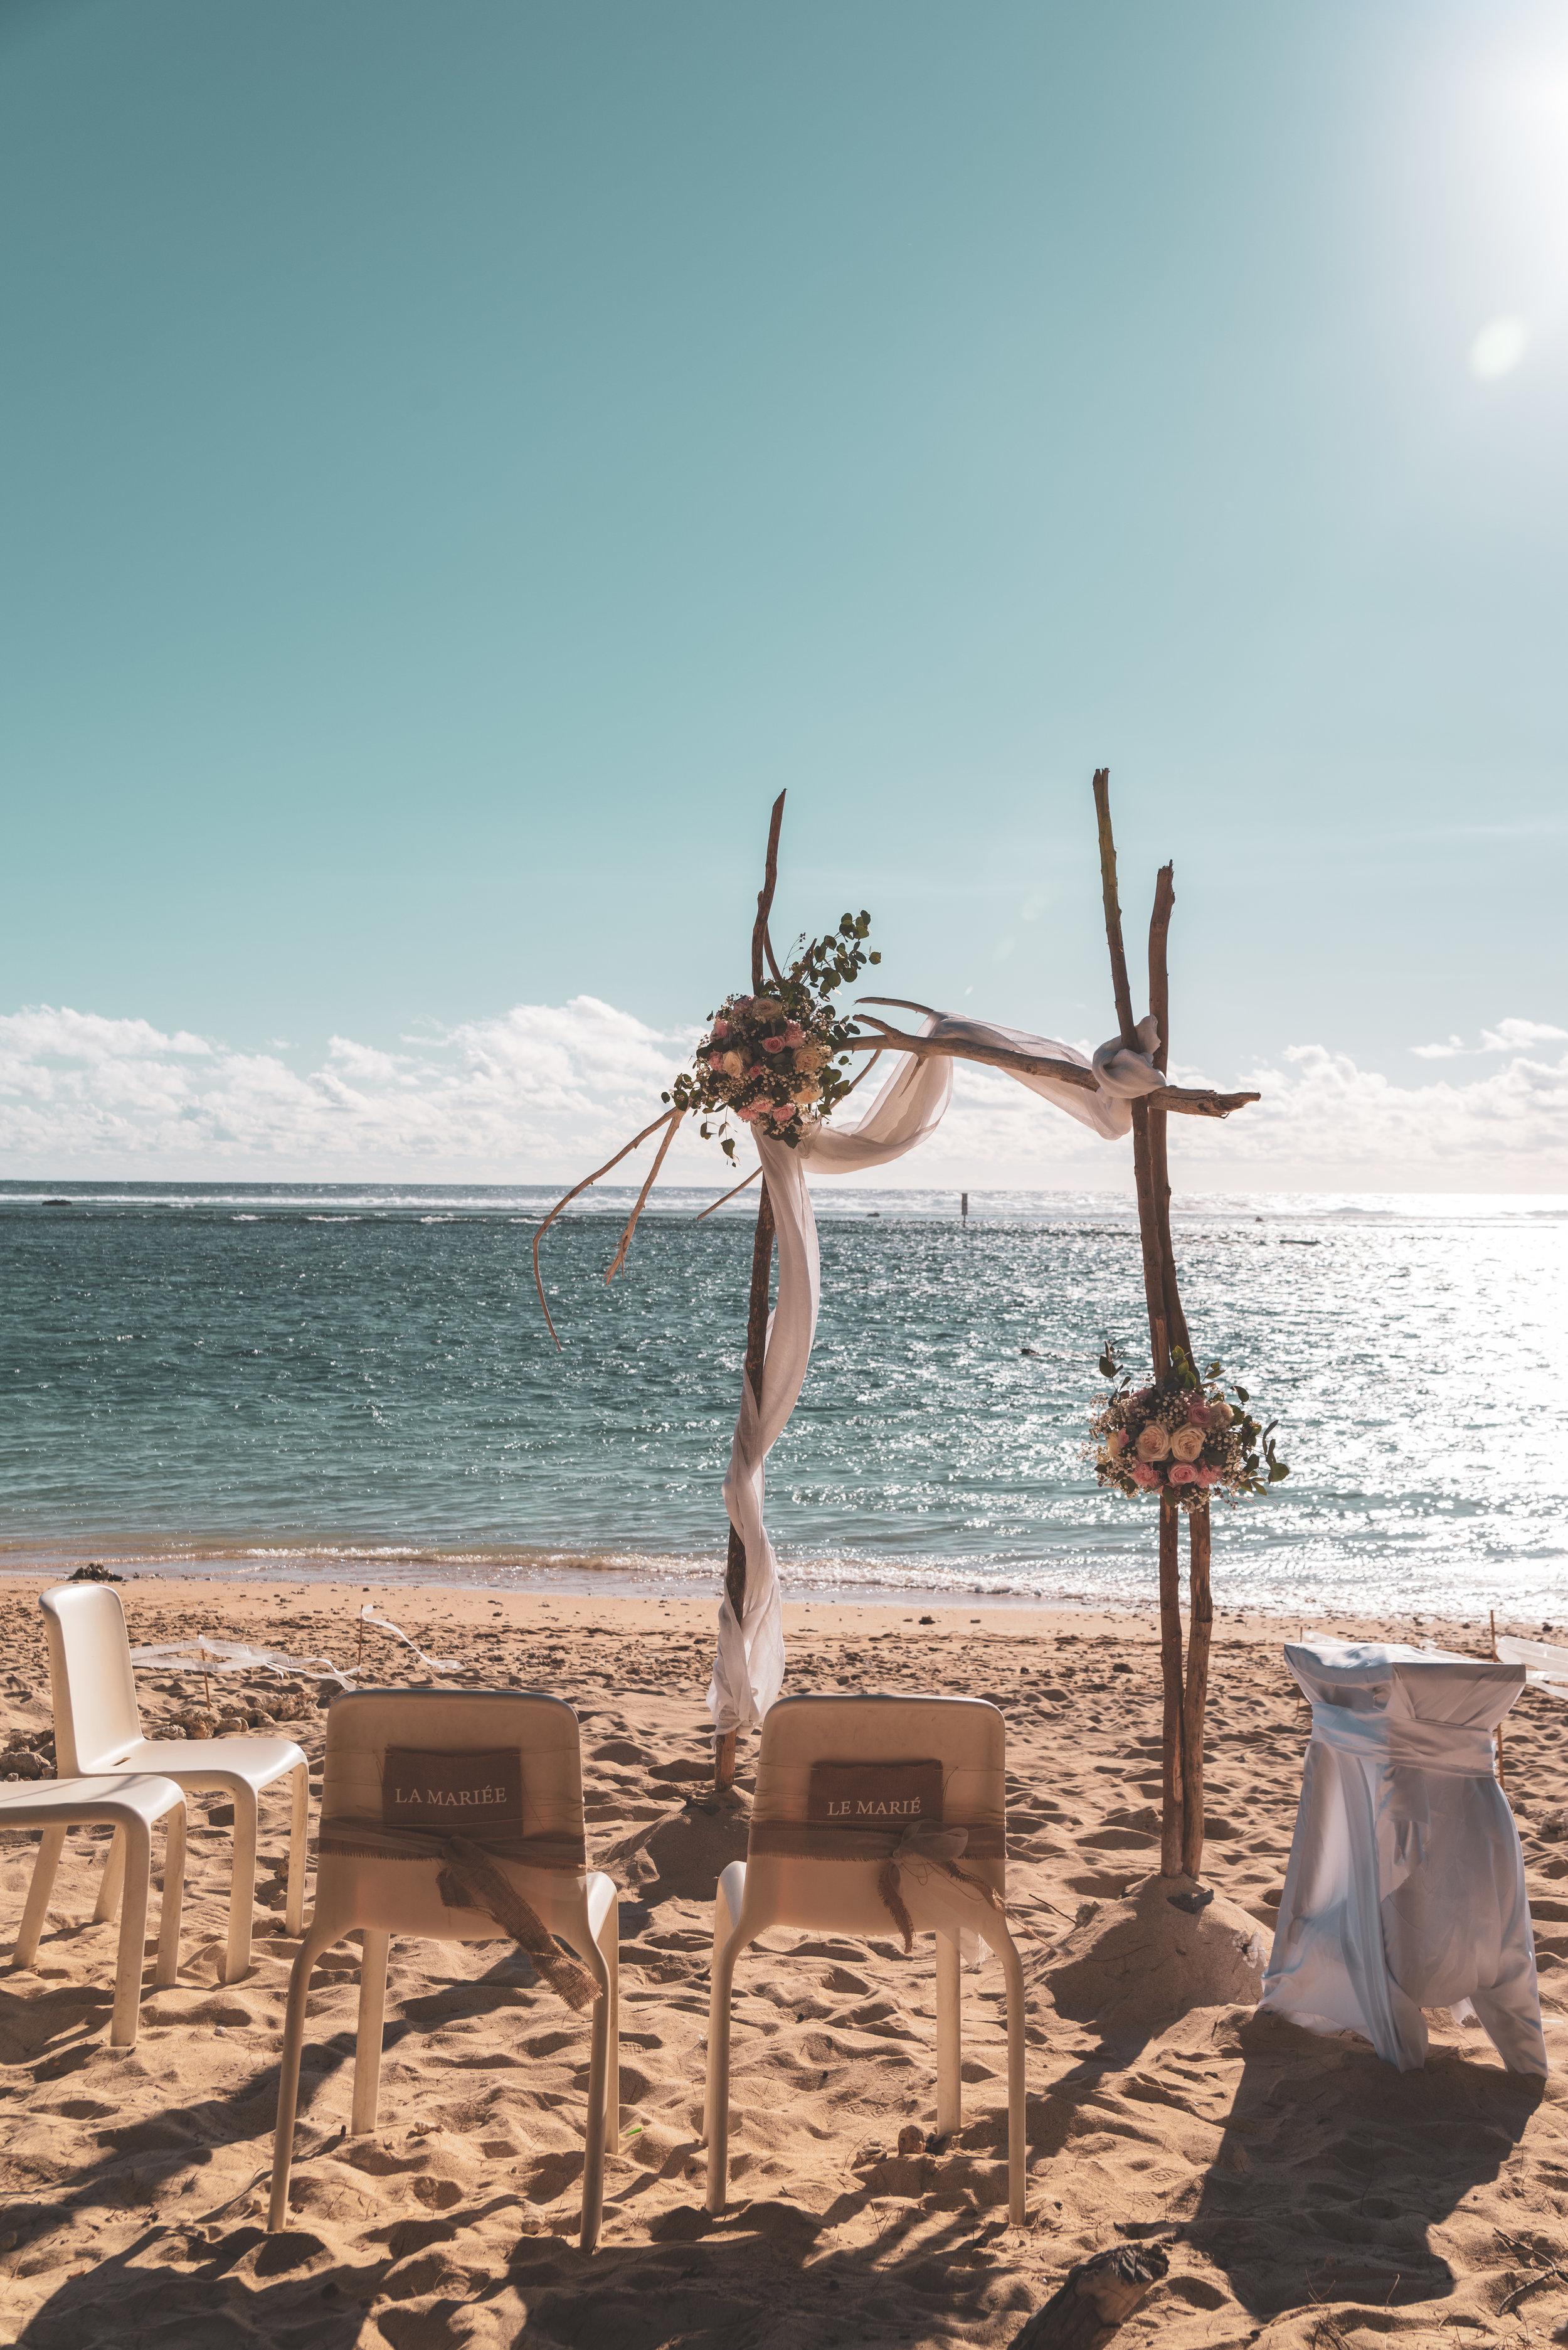 MRevenement organisation de mariage D et F cérémonie laïque La Réunion (7).jpeg